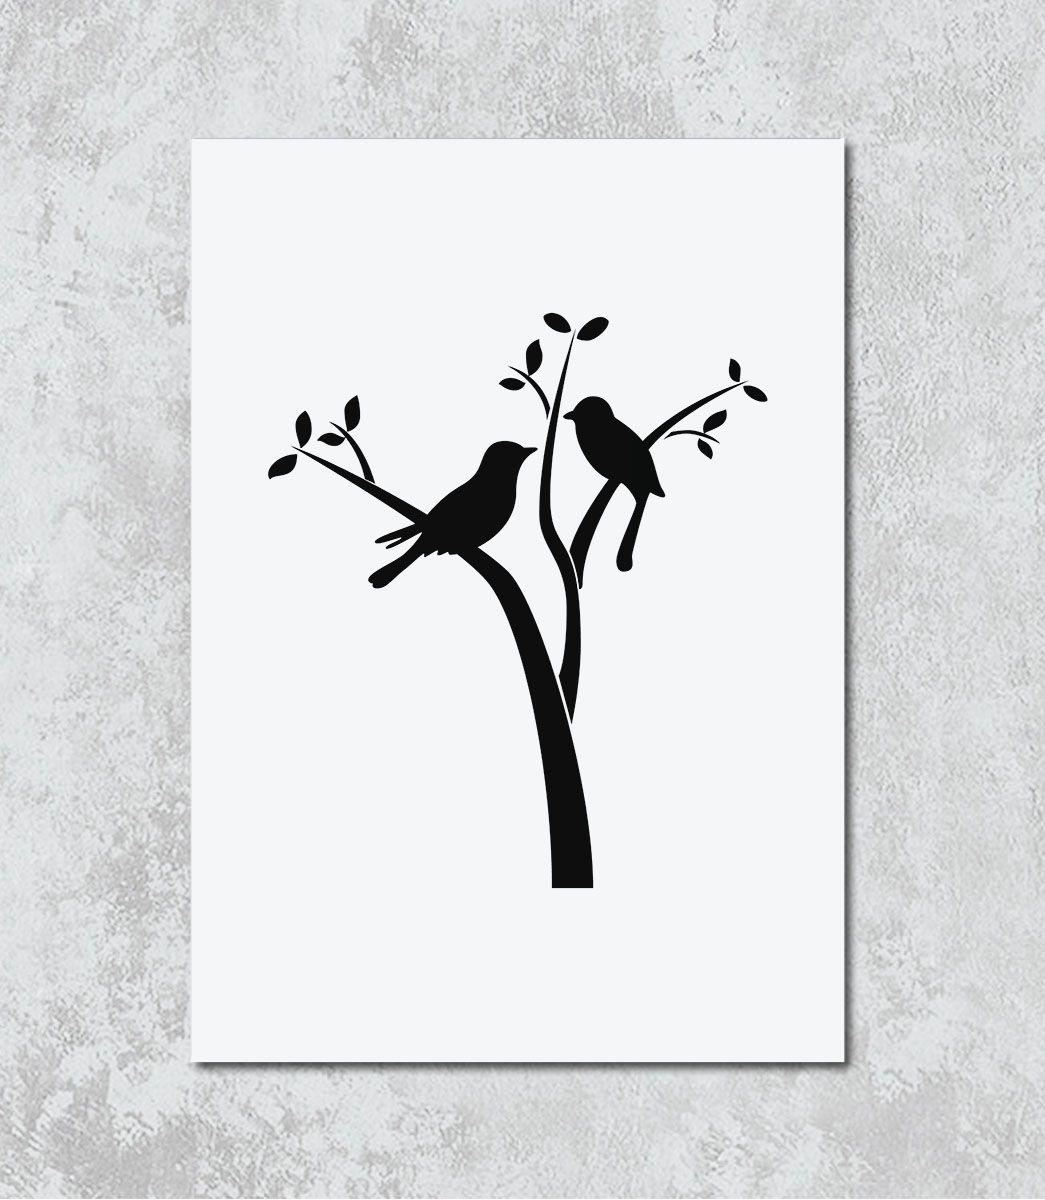 Decorativo - Desenho casal de pássaros